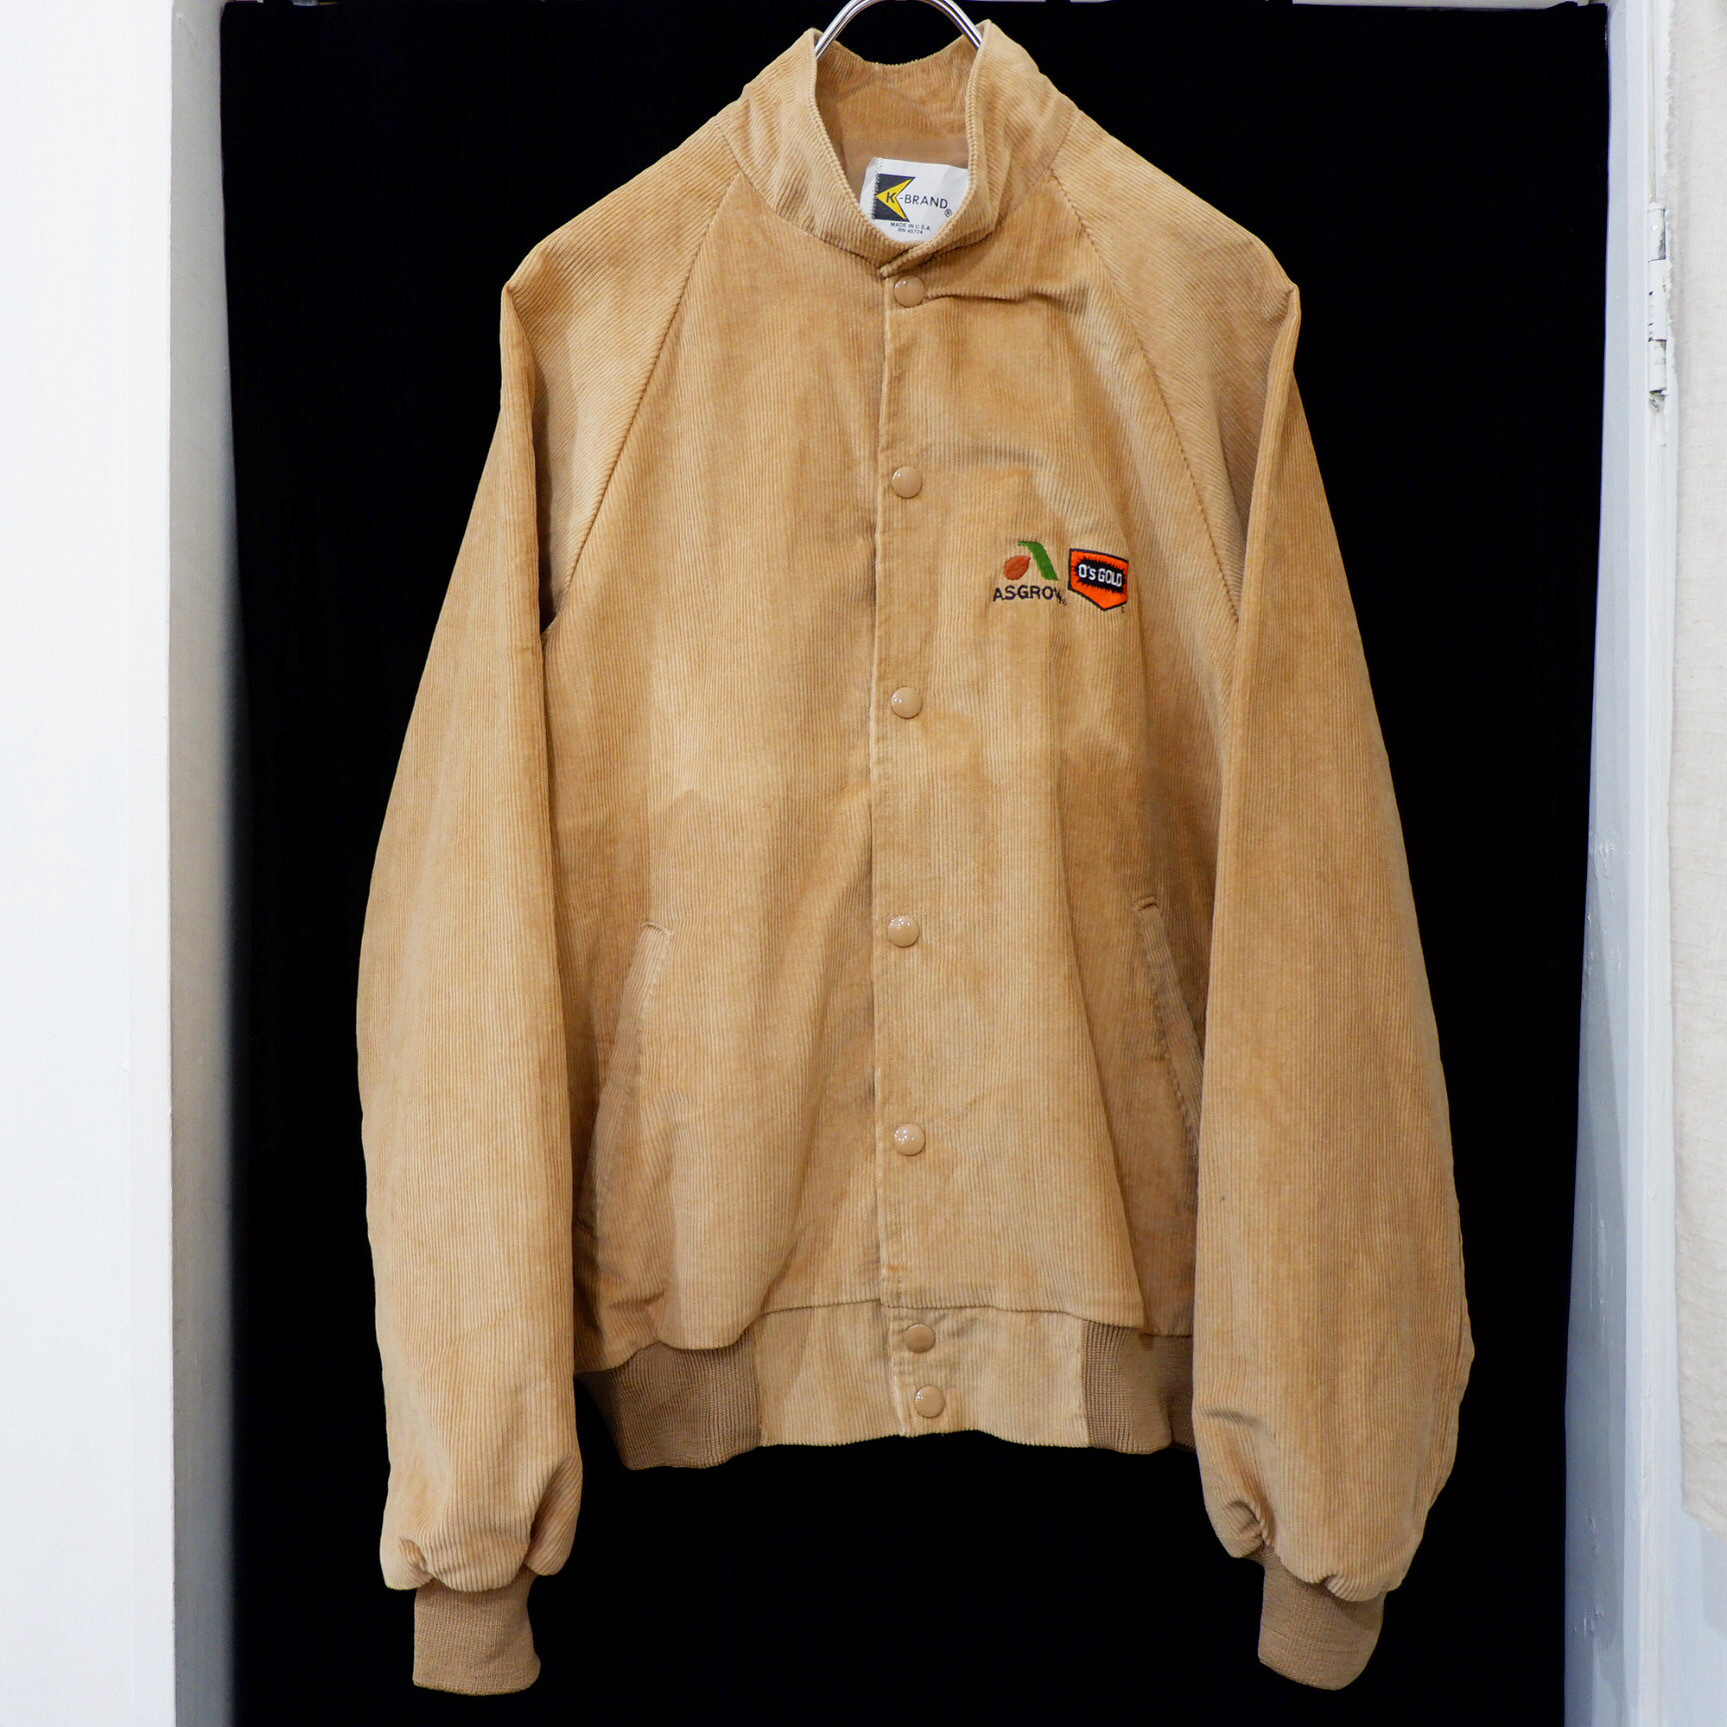 アメリカ古着 1980s USA製 企業ロゴ コーデュロイ ジャケット